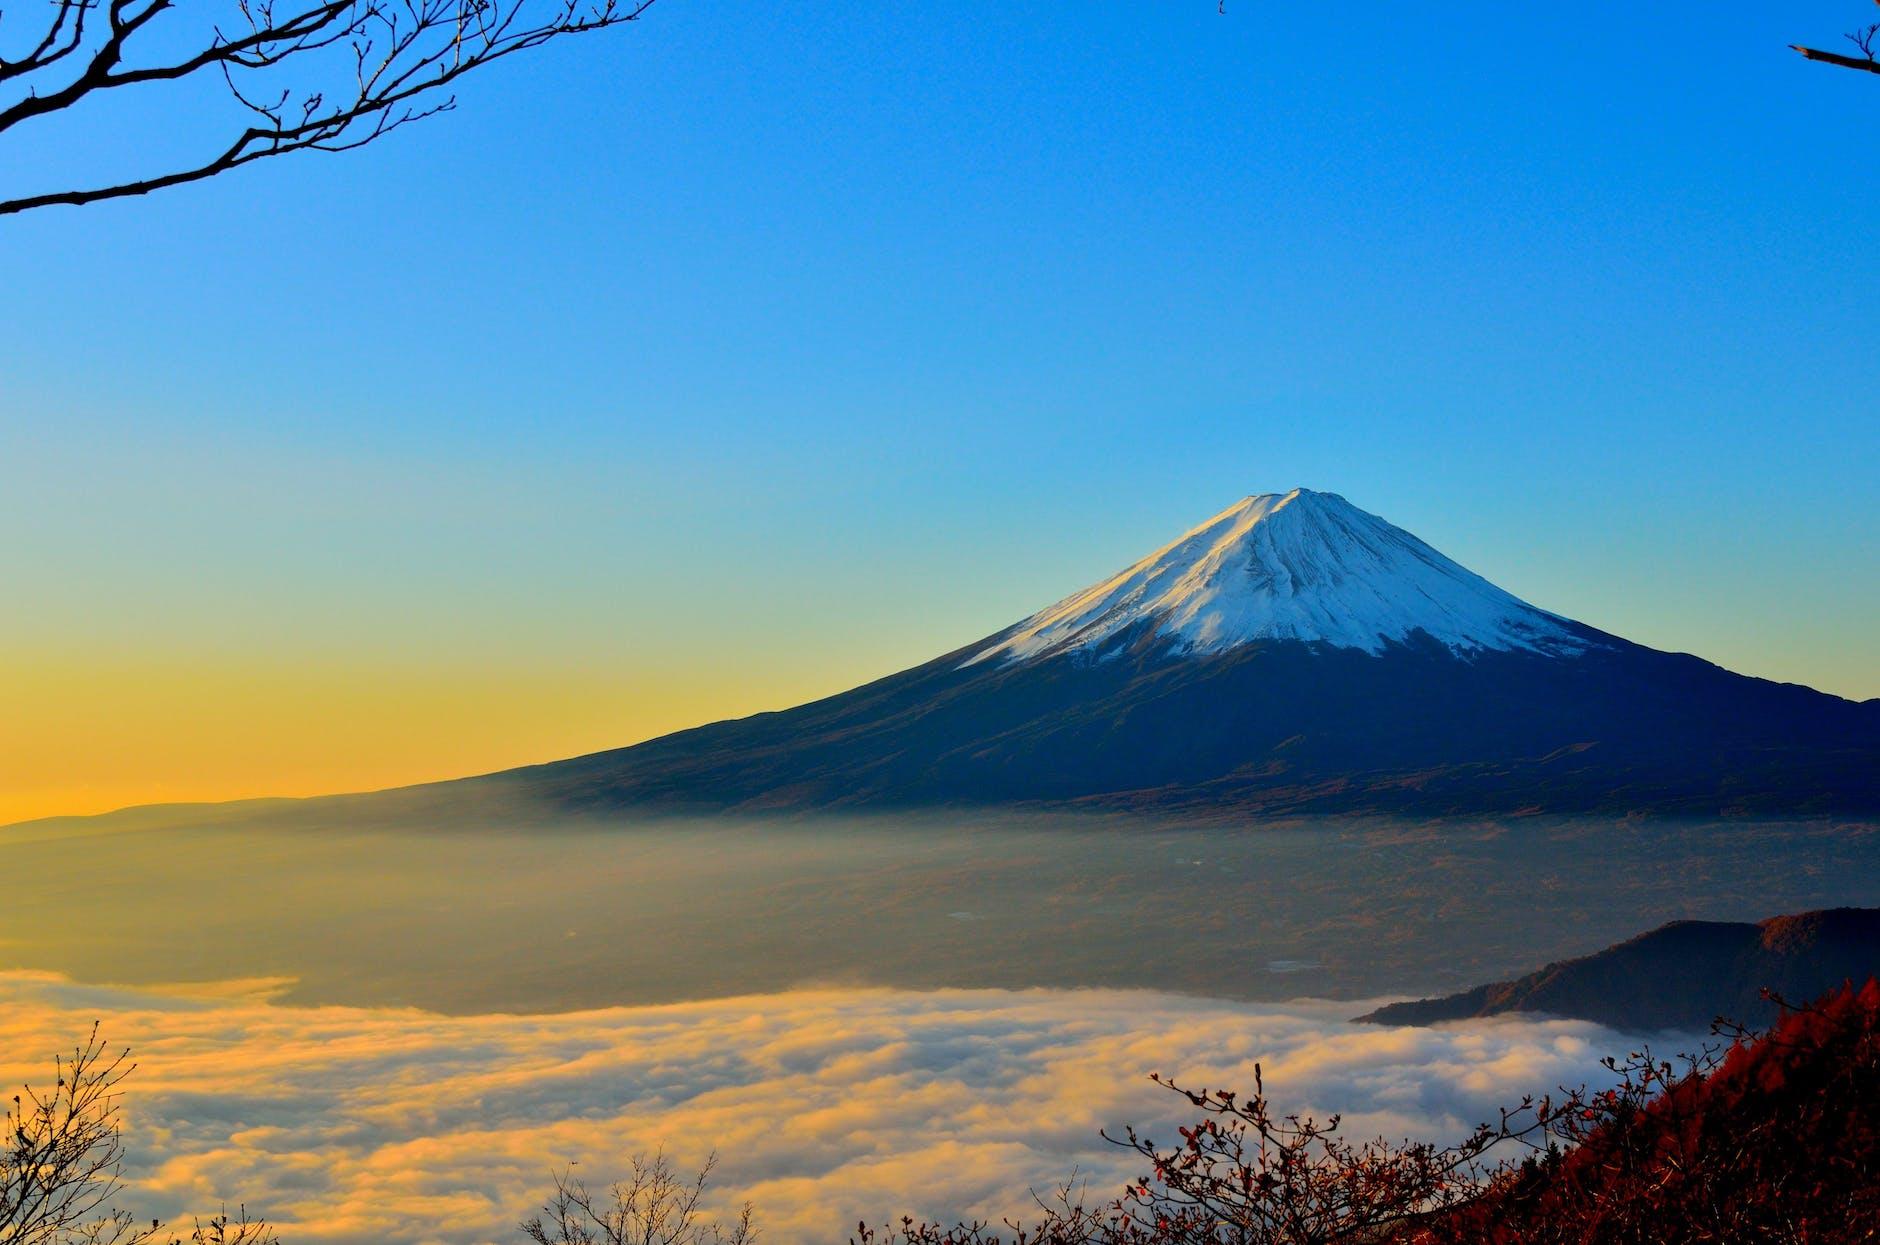 Enjoy a view of Mount Fuji from the Shinkansen